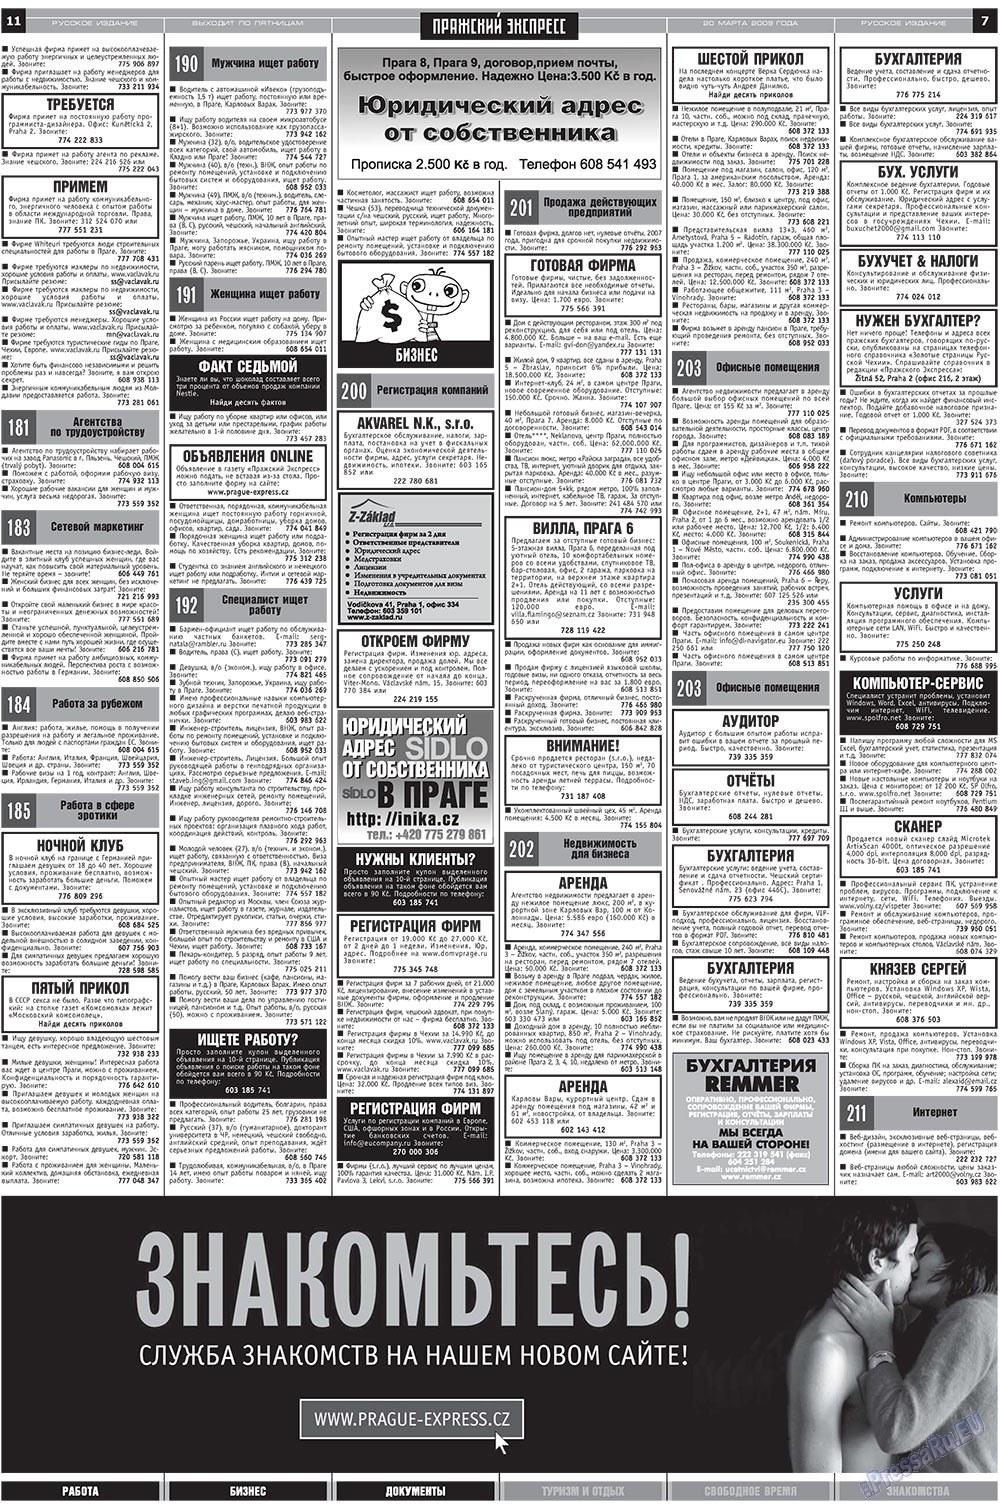 Пражский экспресс (газета). 2009 год, номер 11, стр. 7